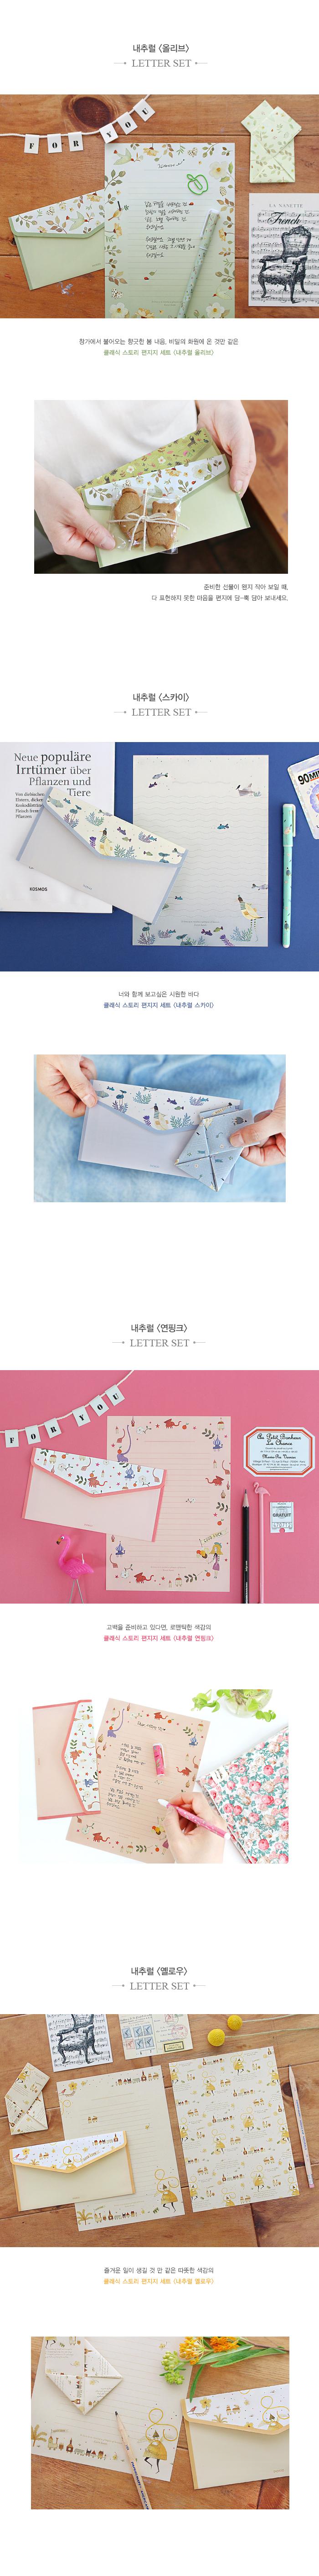 beautiful writing paper stationery [beautiful stationery, beautiful writing paper, writing paper]